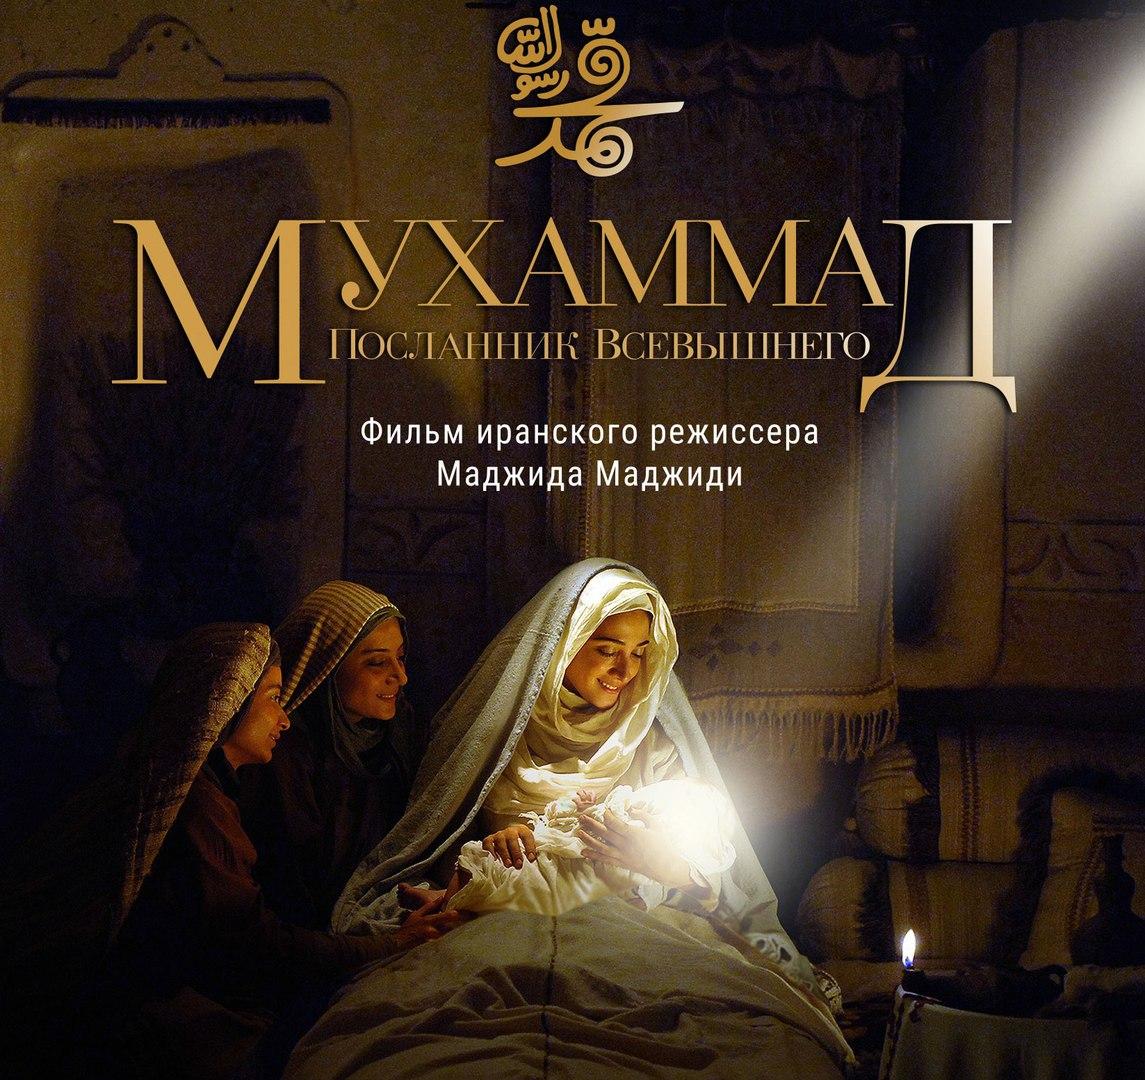 Мухаммад Посланник Всевышнего (2015) Фильм Про